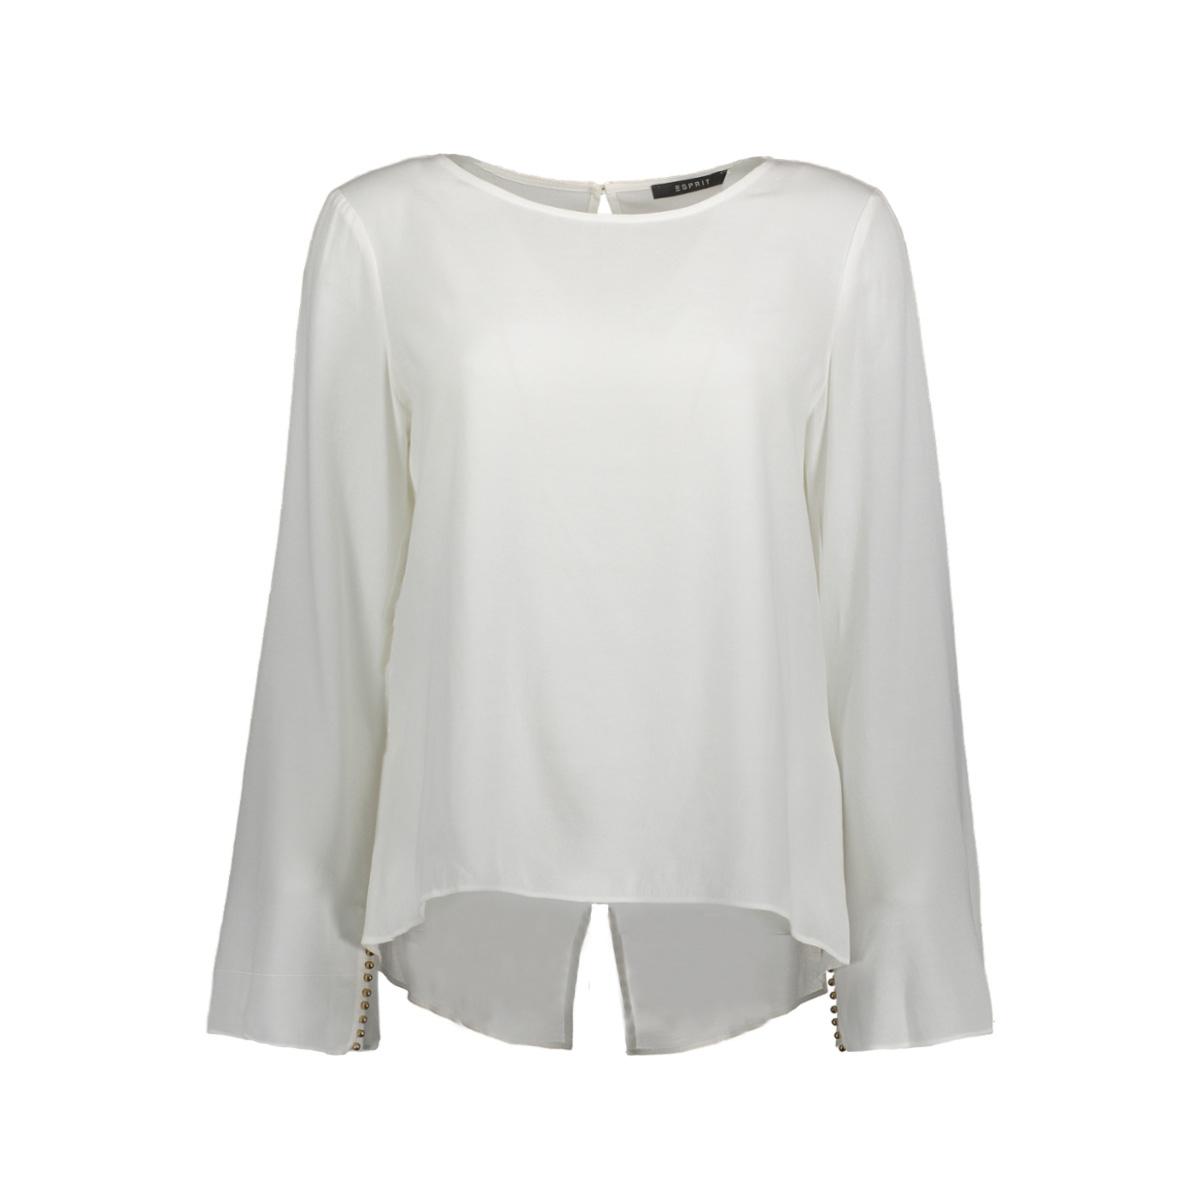 097eo1f018 esprit collection blouse e110